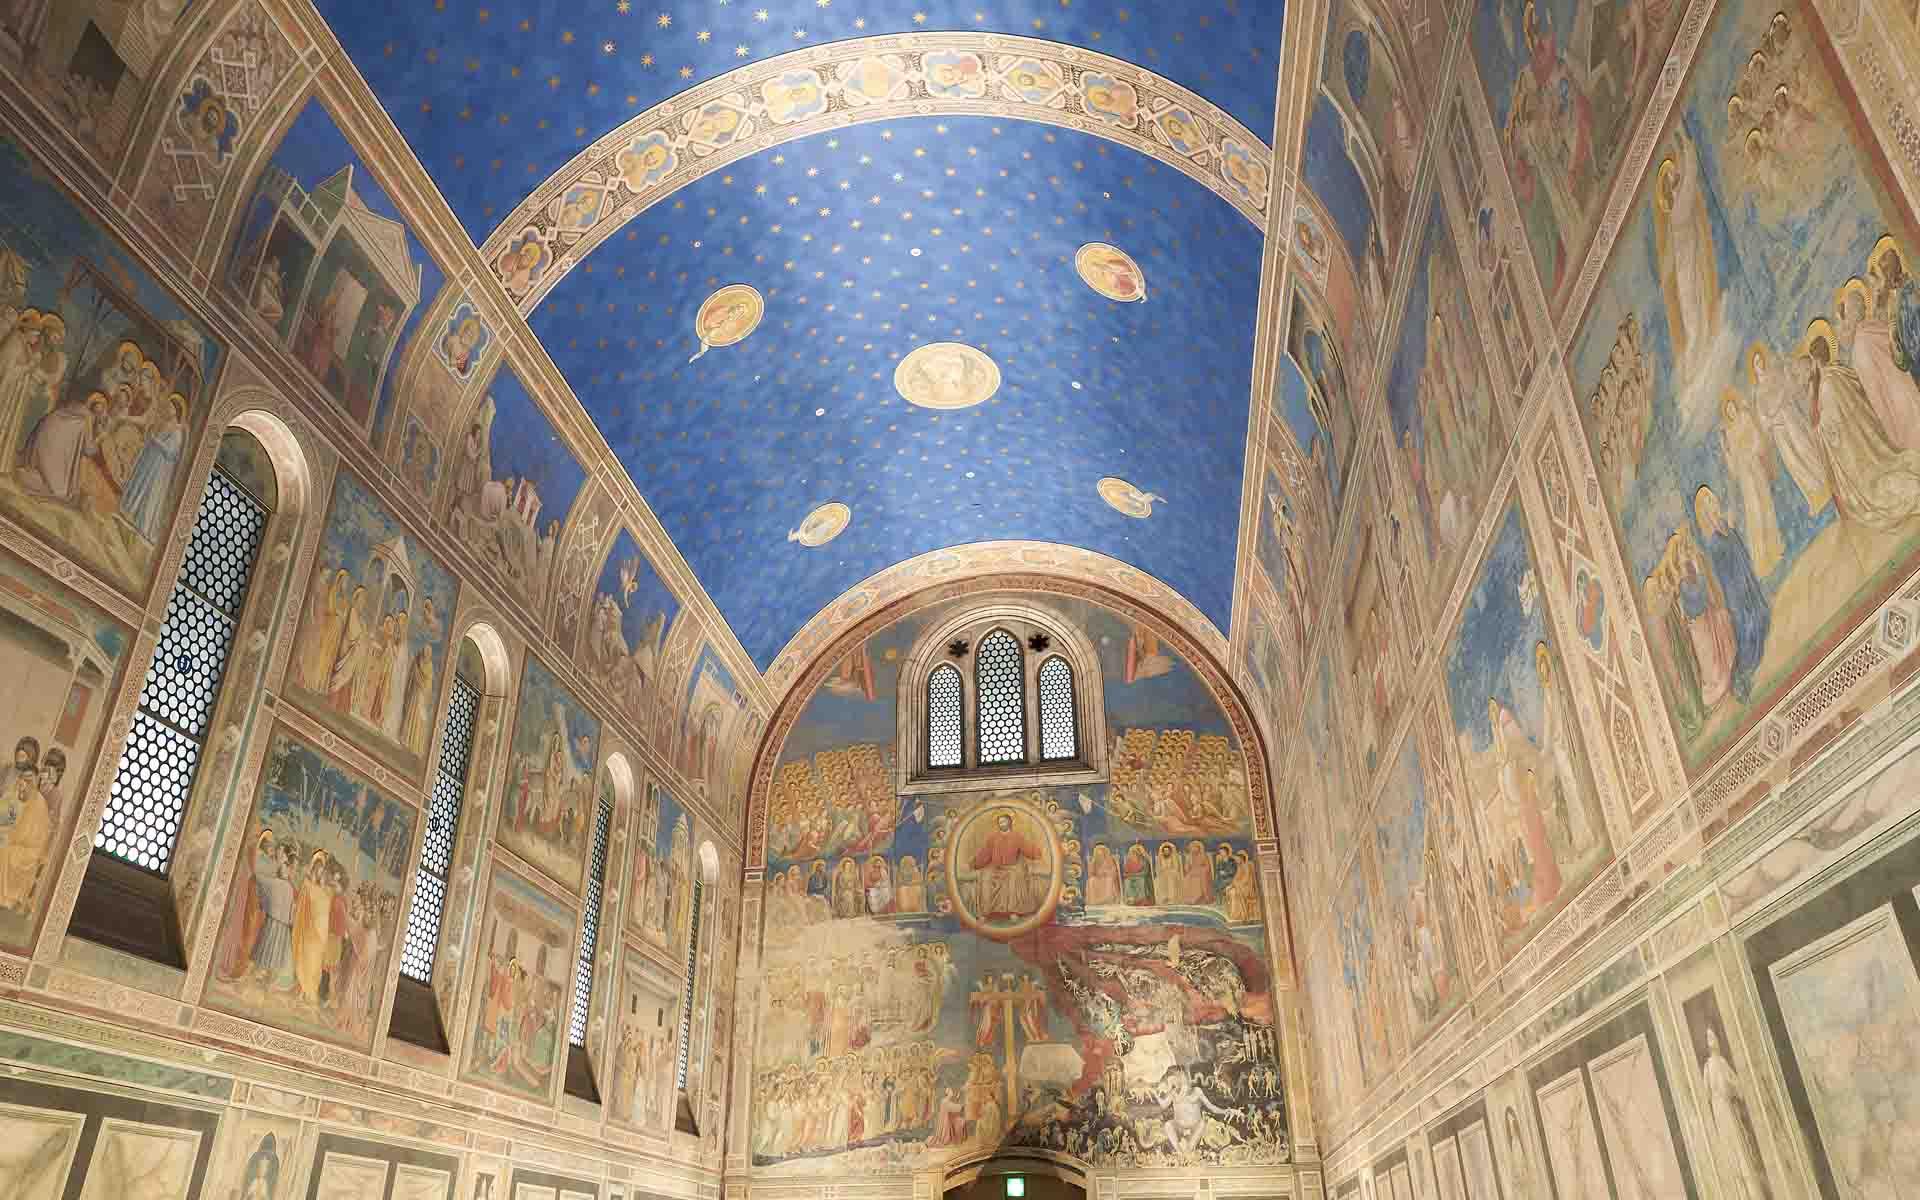 大塚国際美術館に展示されているスクロヴェーニ礼拝堂の陶板レプリカ